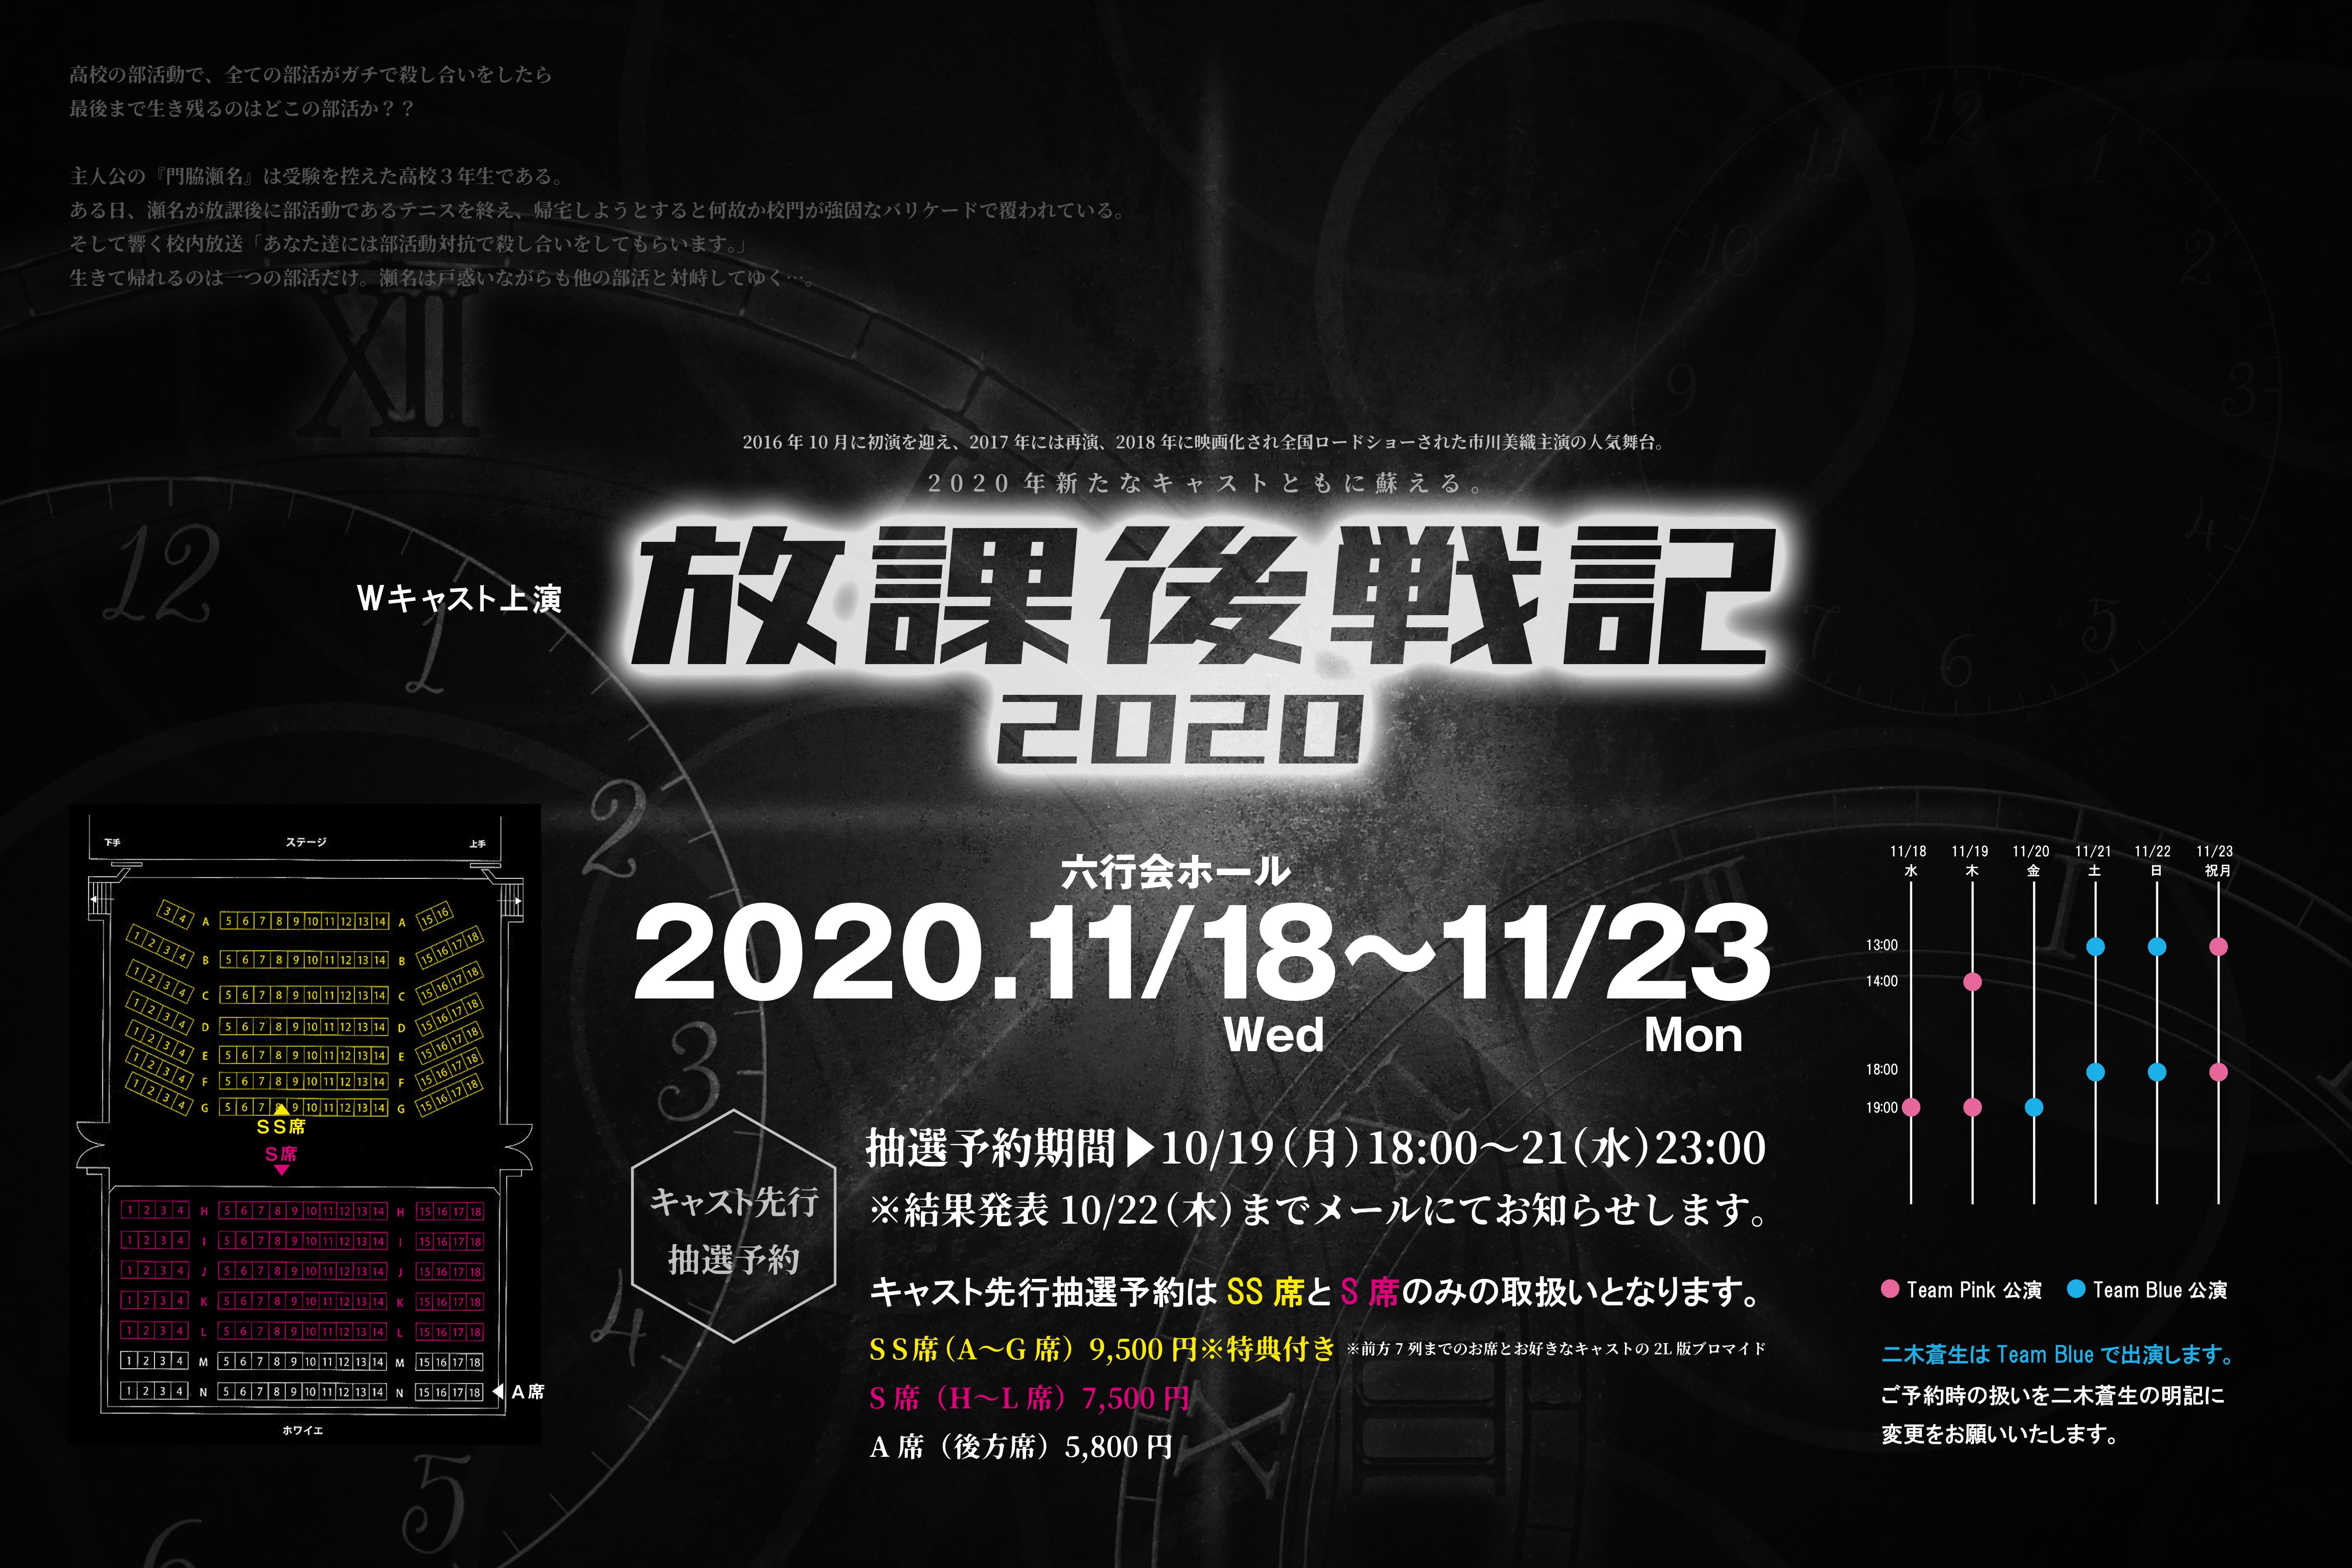 11/18(水)〜11/23(祝・月)舞台「放課後戦記2020」